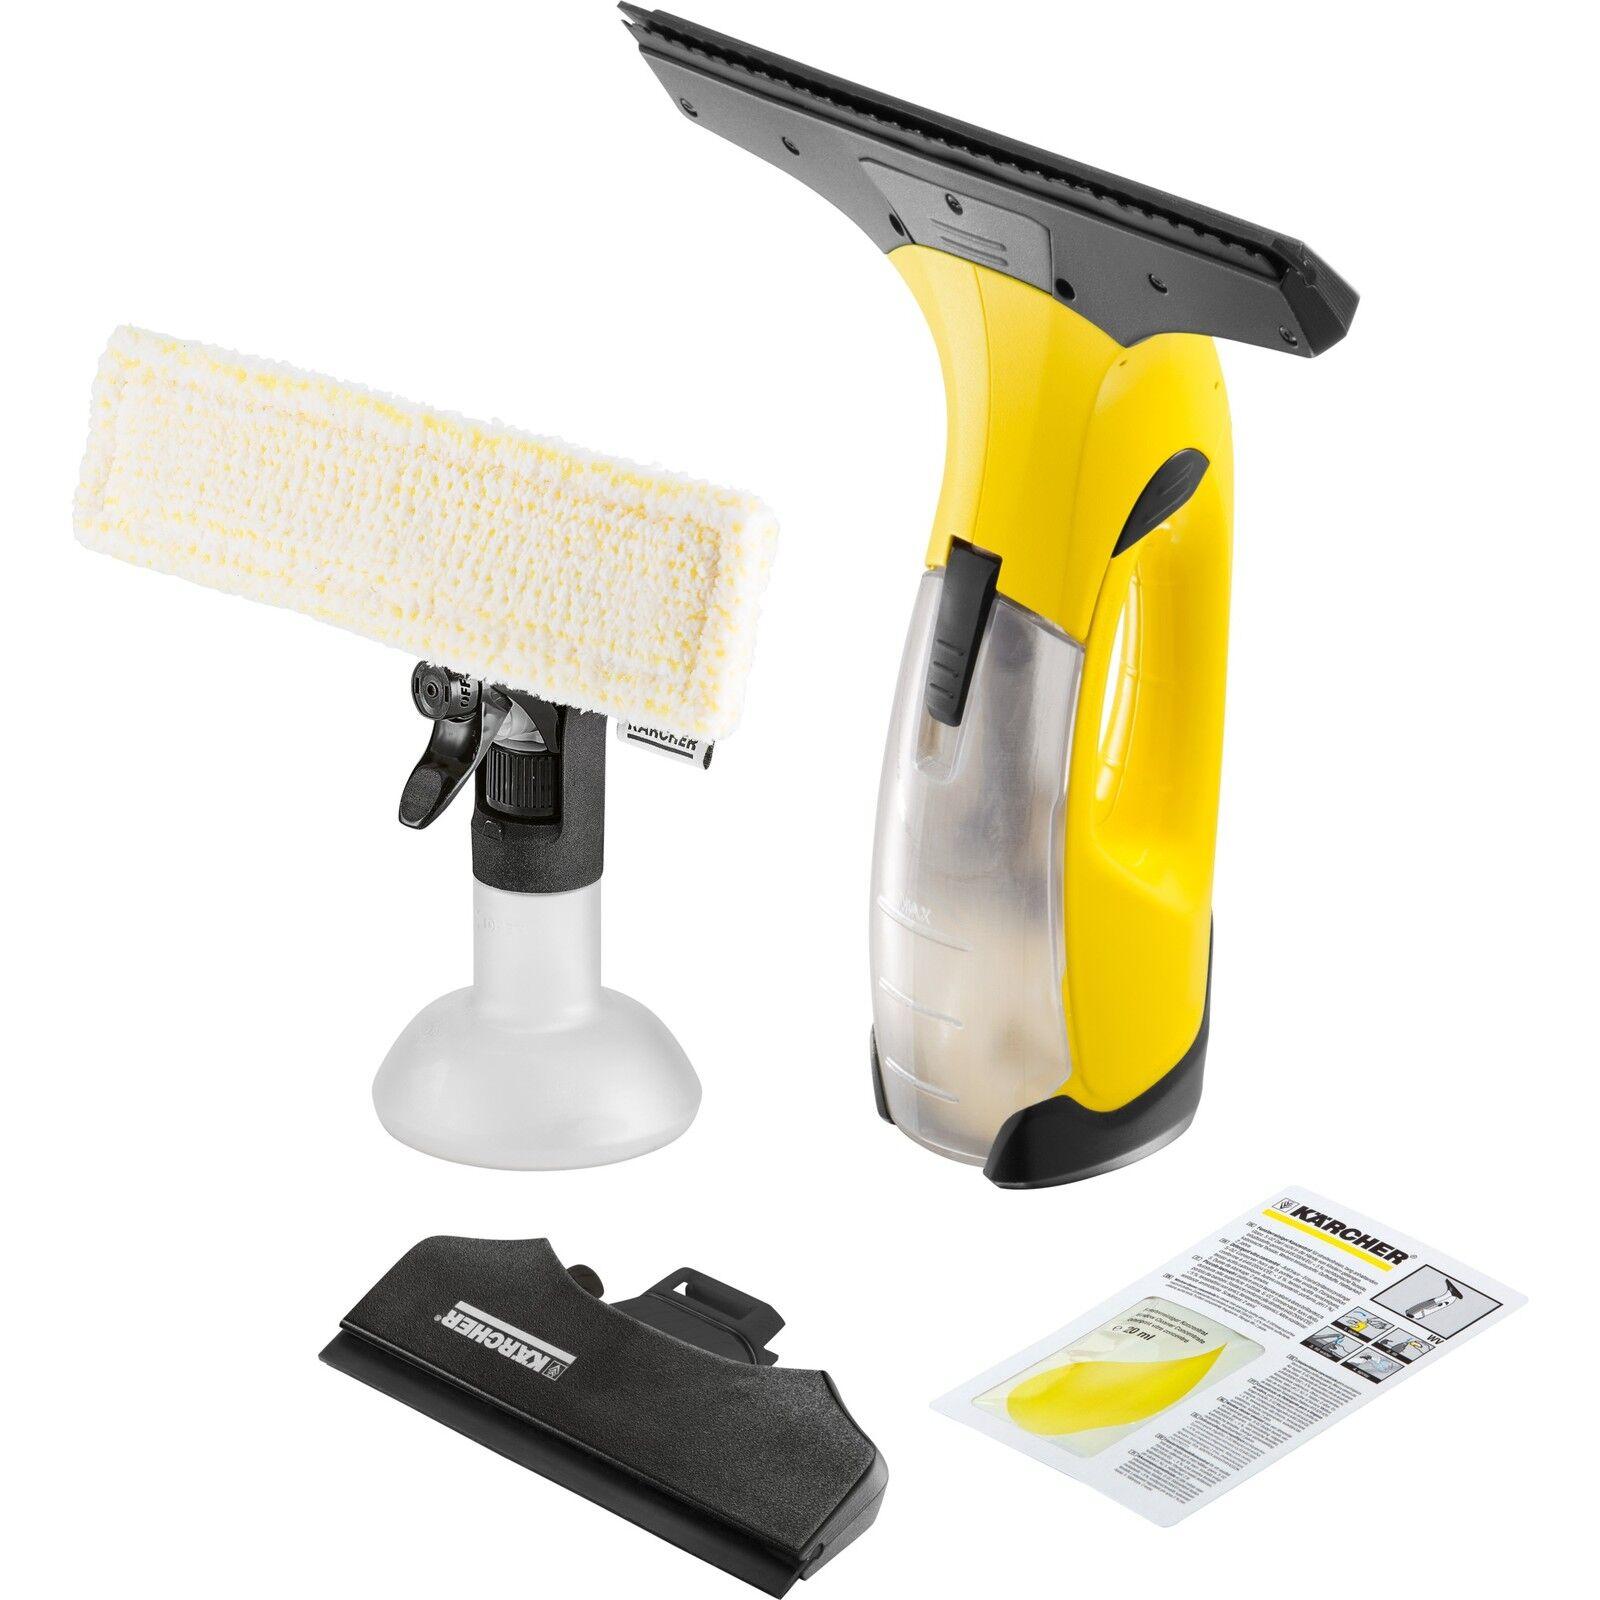 k rcher wv 2 premium fenstersauger gelb ebay. Black Bedroom Furniture Sets. Home Design Ideas